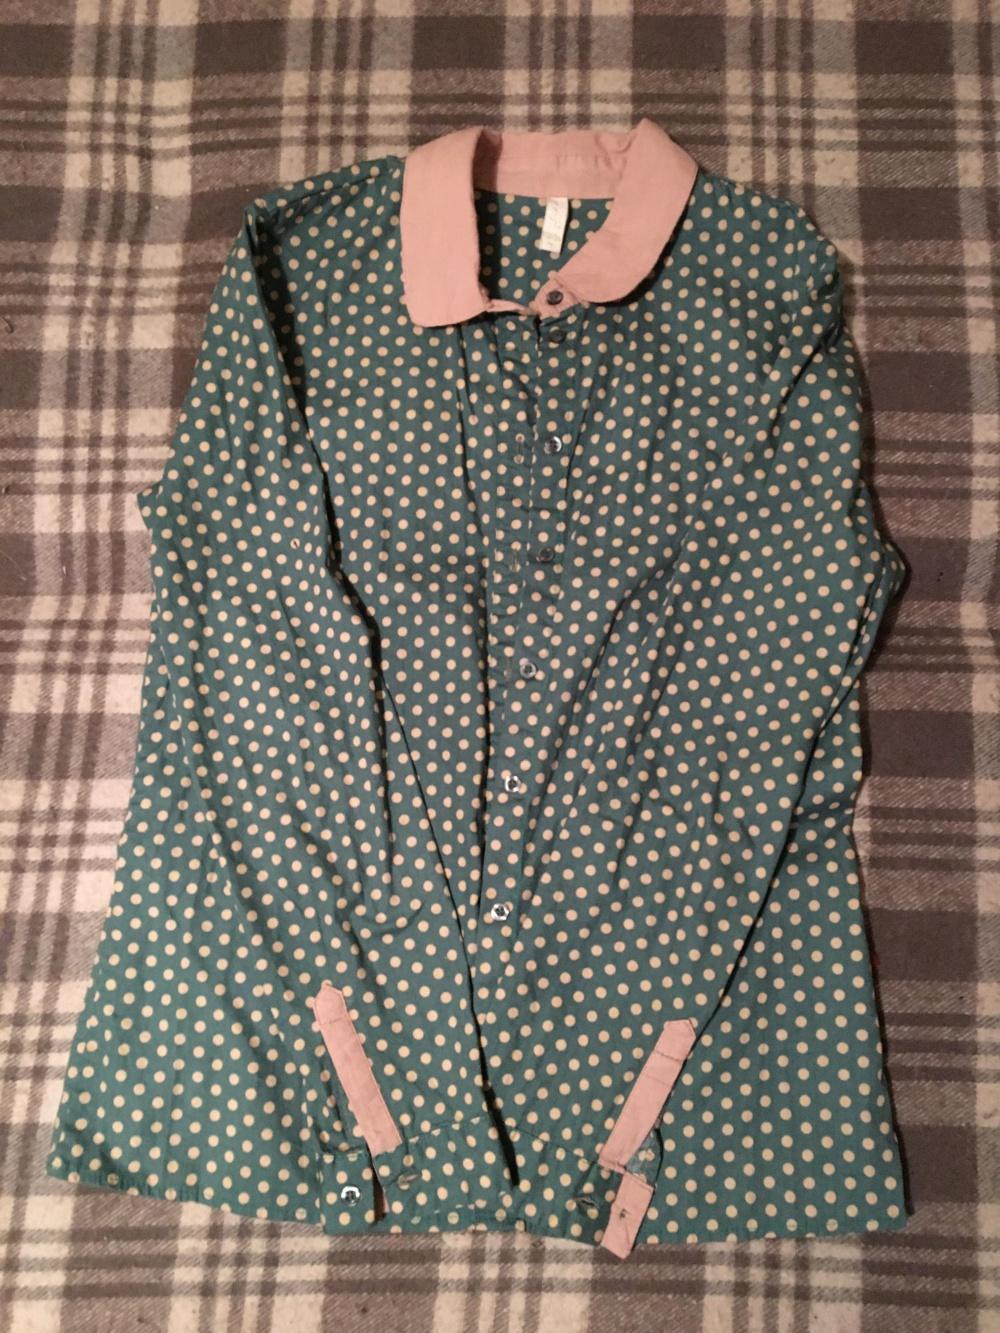 Хлопковая рубашка в горошек, размер S